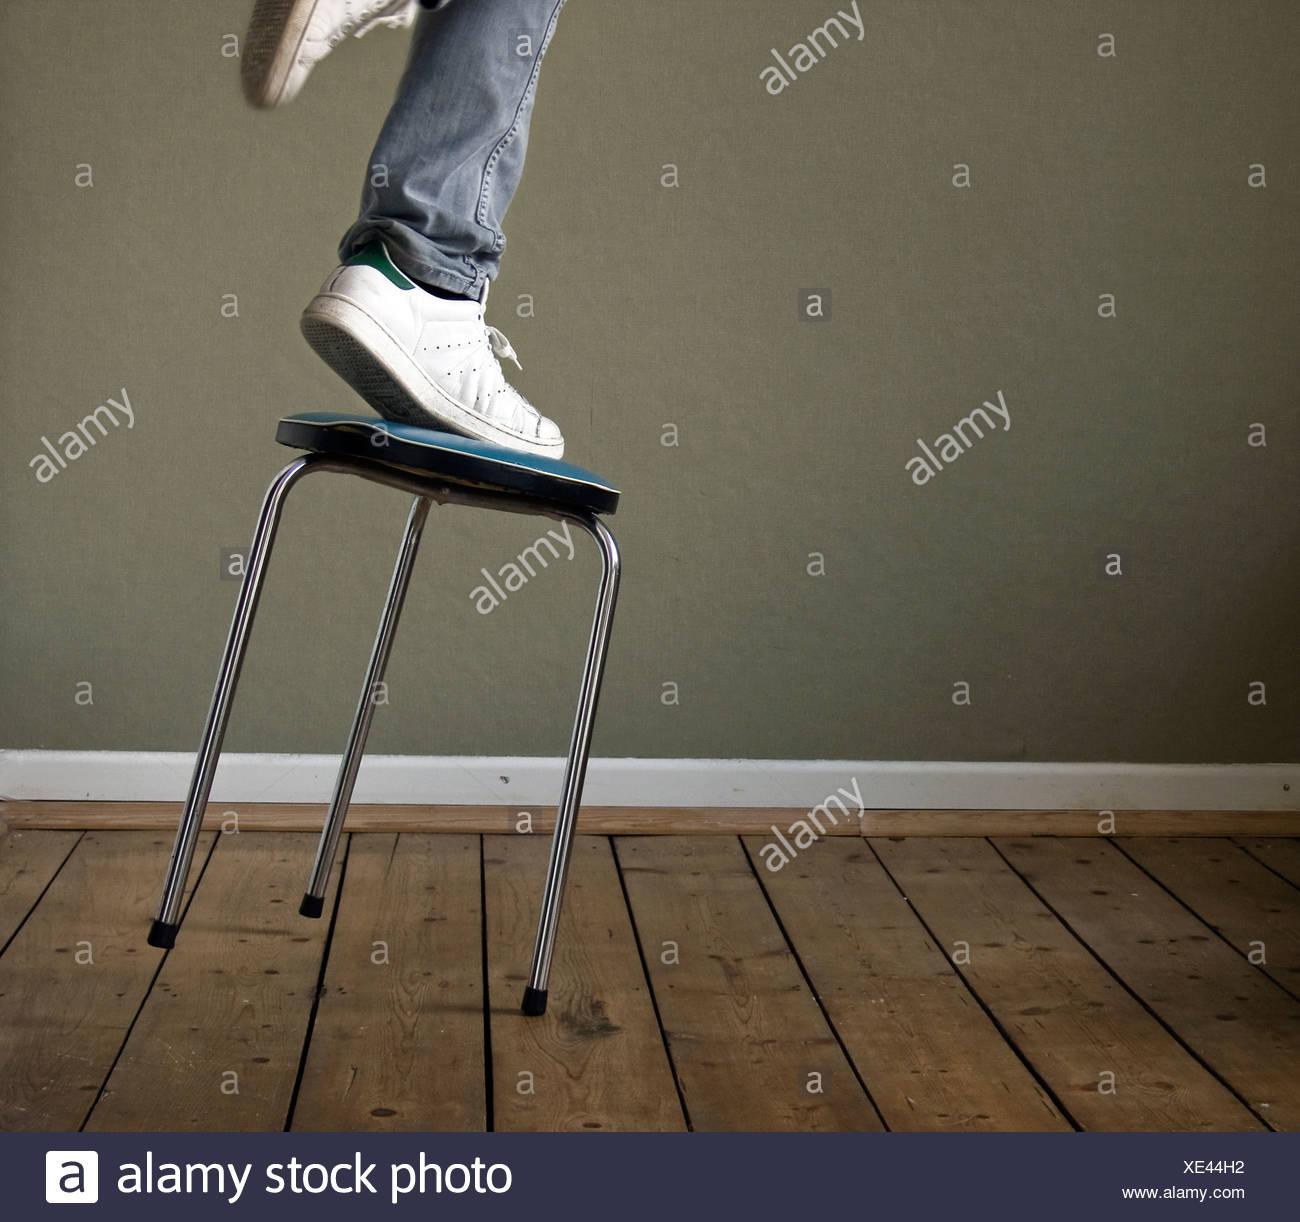 häusliches Leben, Unfall, Gleichgewicht, Herbst Stockbild